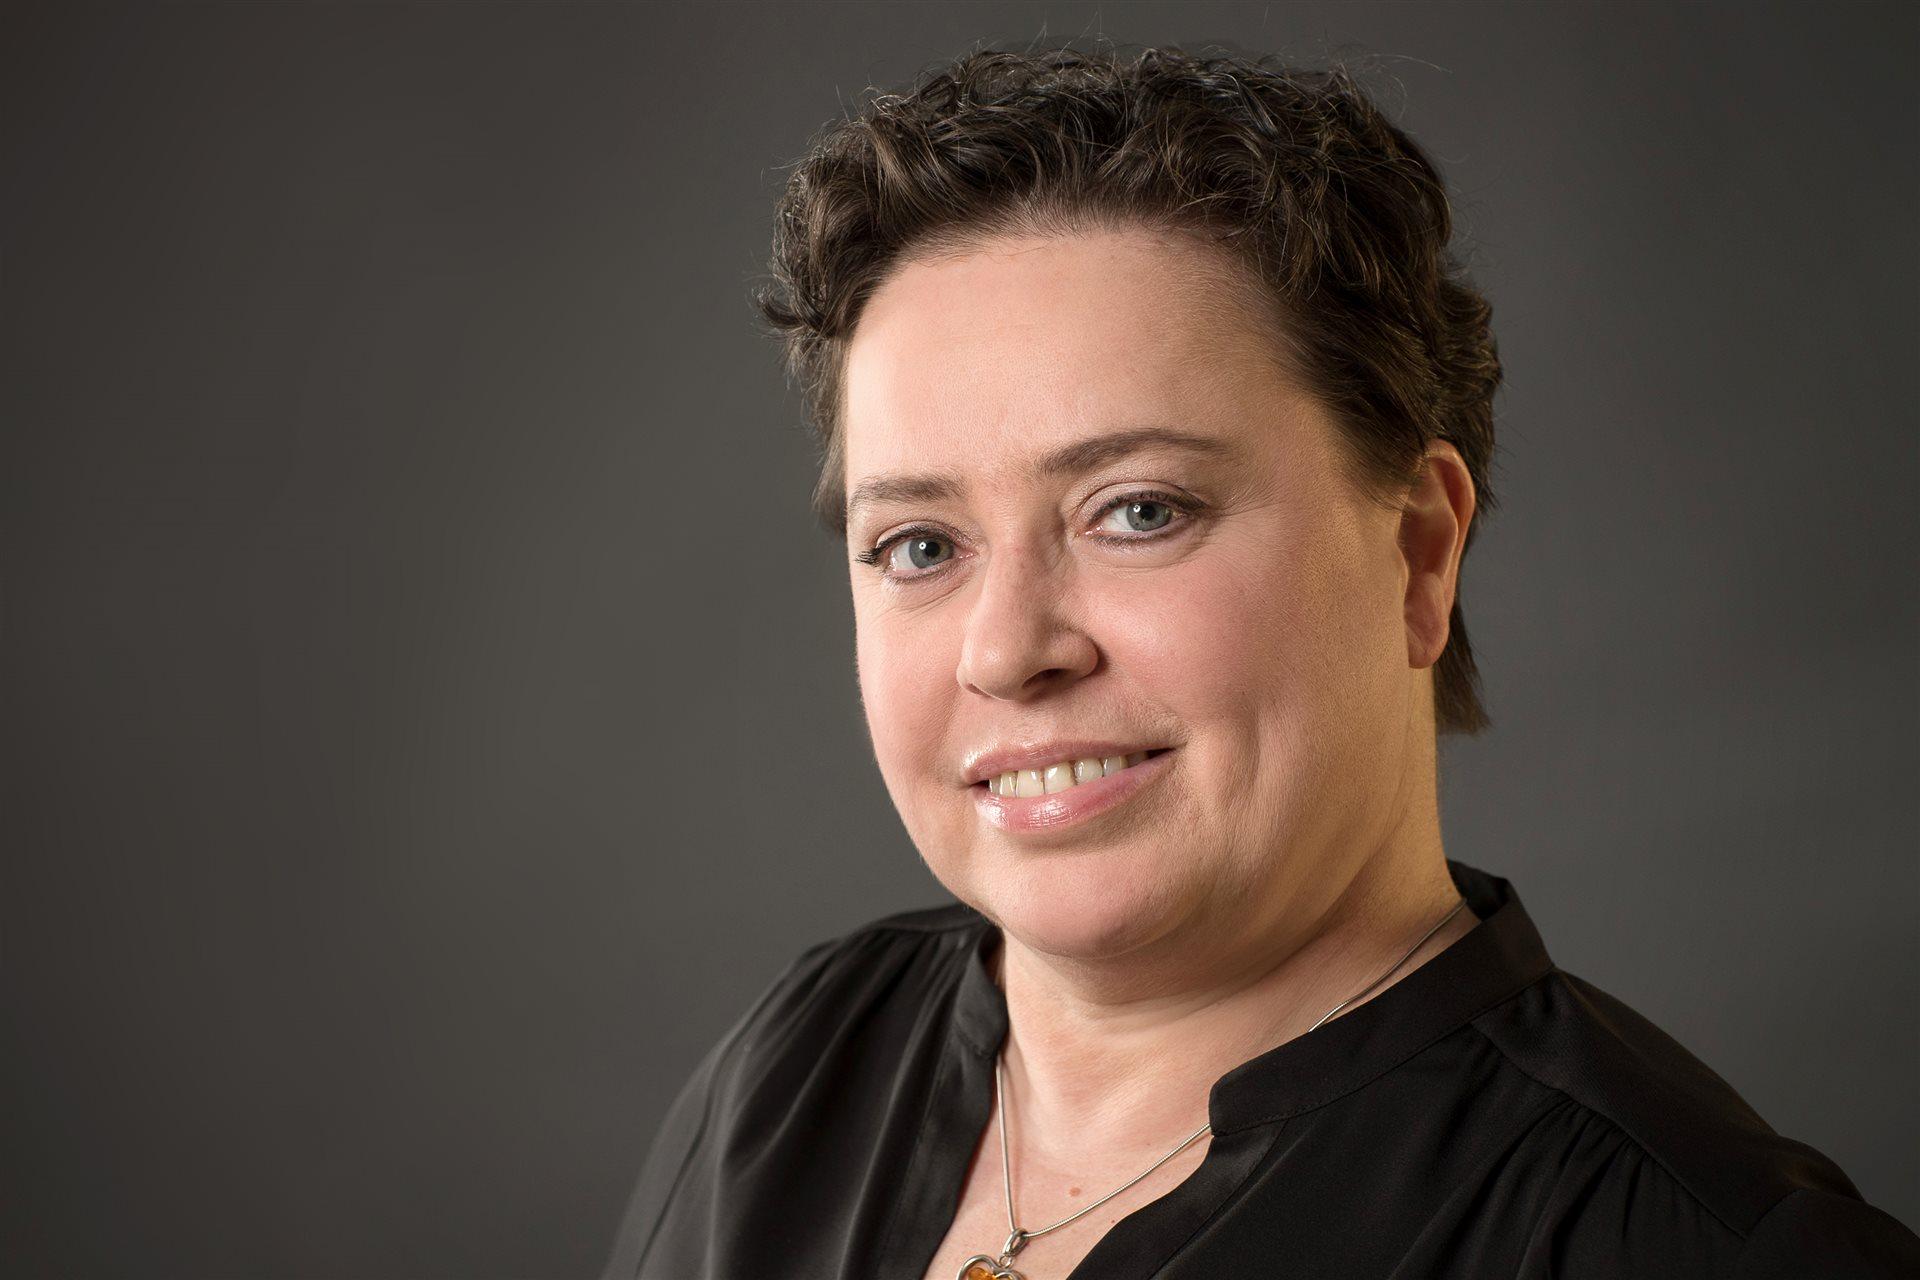 Nathalie Heil